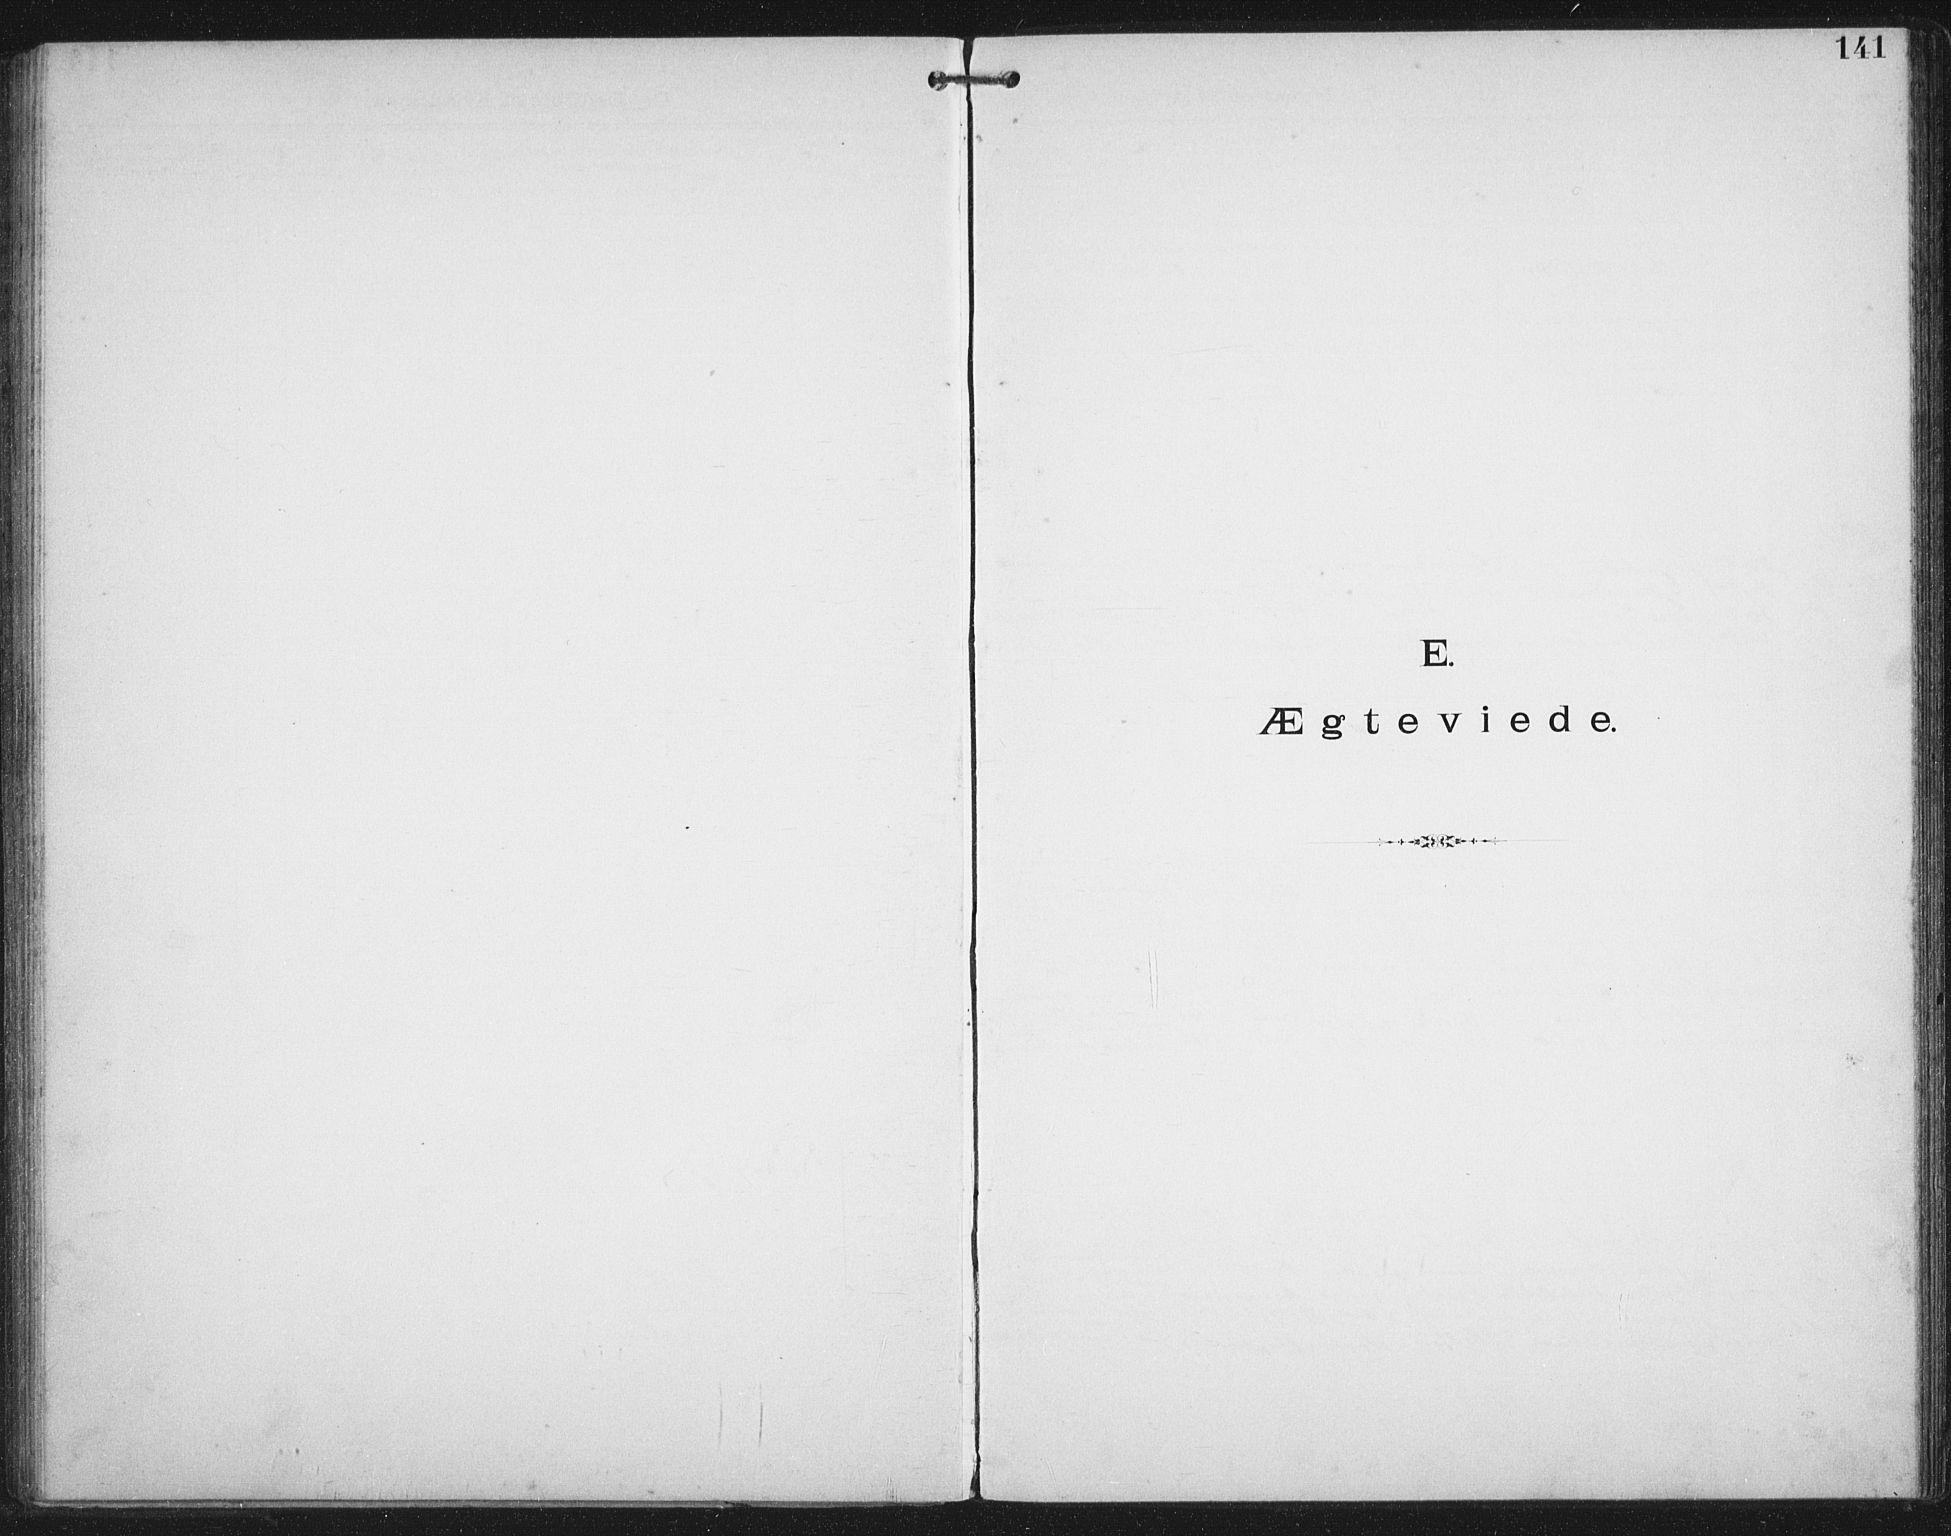 SAT, Ministerialprotokoller, klokkerbøker og fødselsregistre - Nordland, 881/L1174: Dissenterprotokoll nr. 881D01, 1891-1933, s. 141